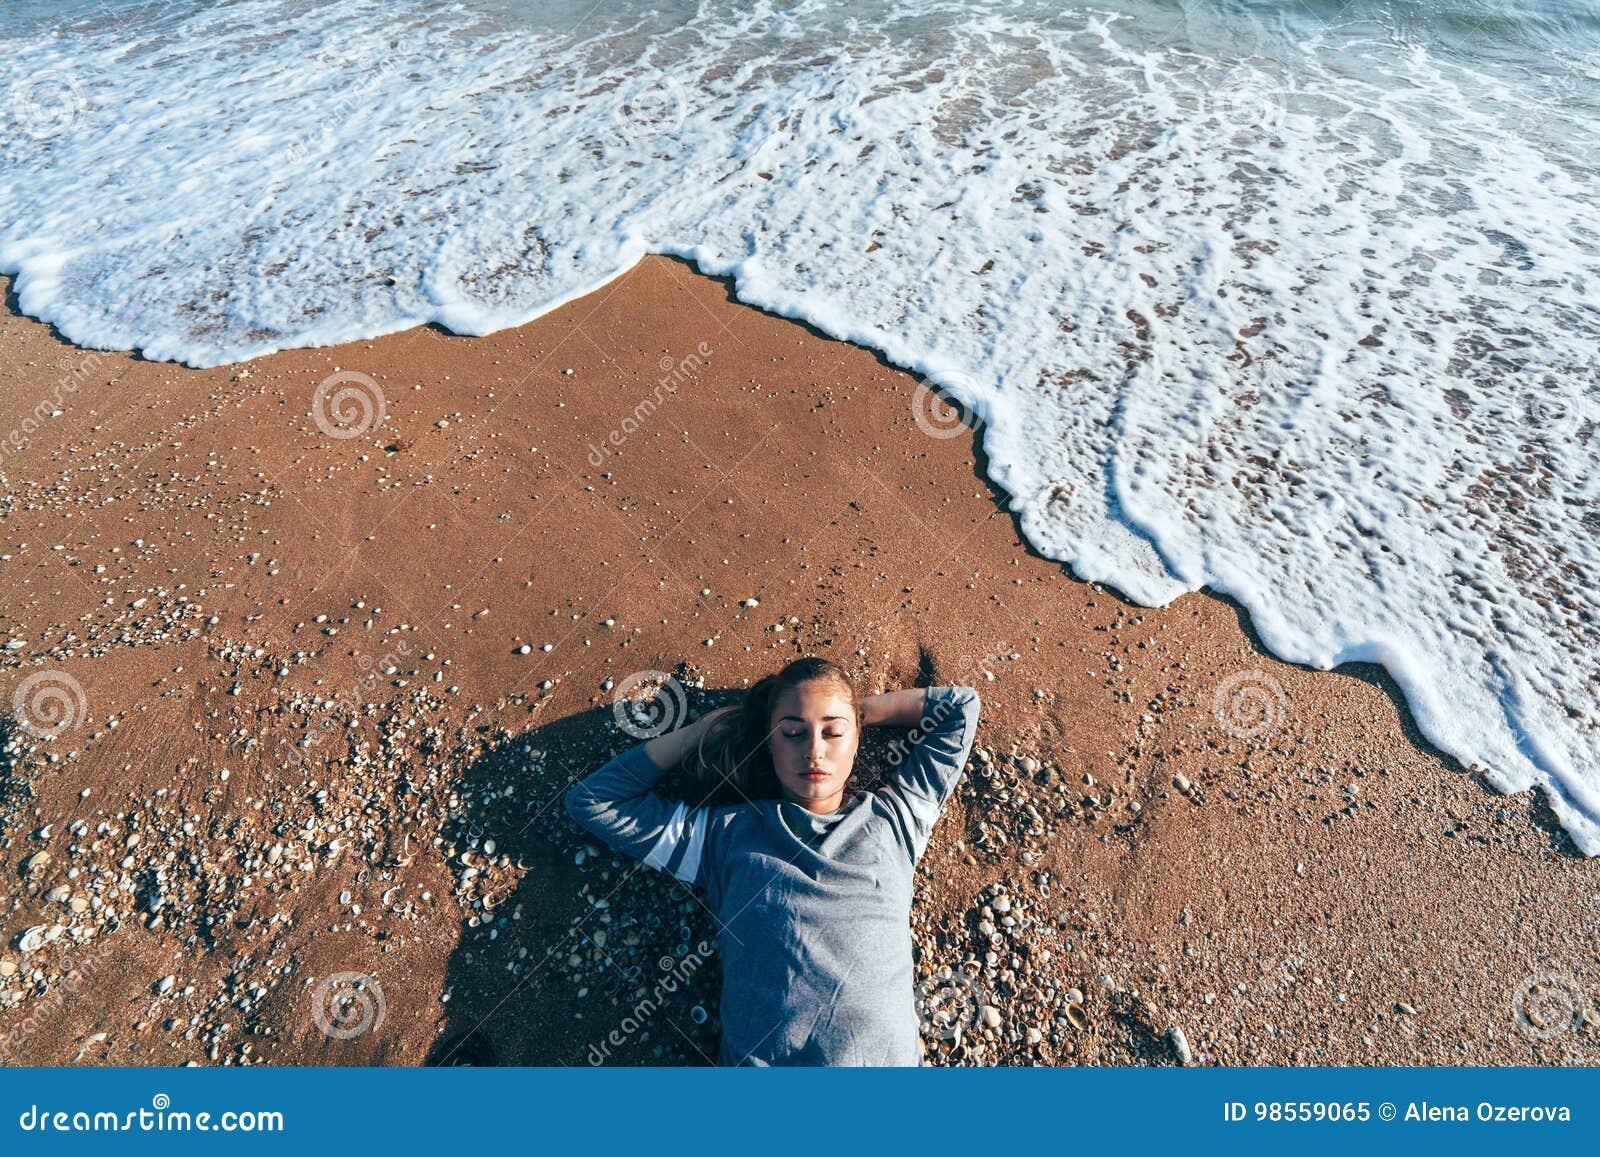 Ontspannend op zand door de overzeese golf, het concept van het dalingsstrand